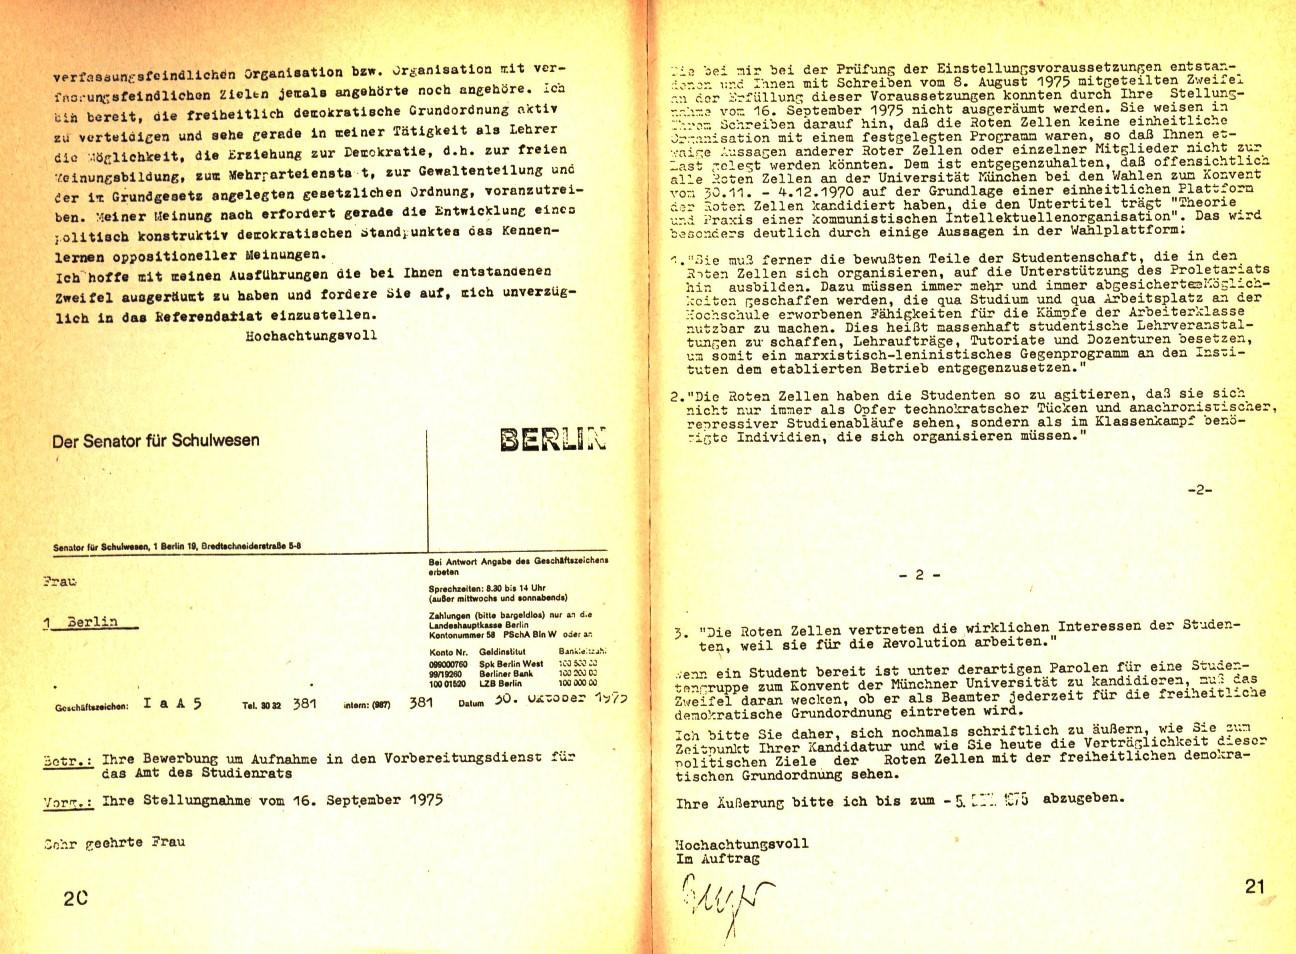 Berlin_VDS_Aktionskomitee_1976_BerufsverboteIII_12